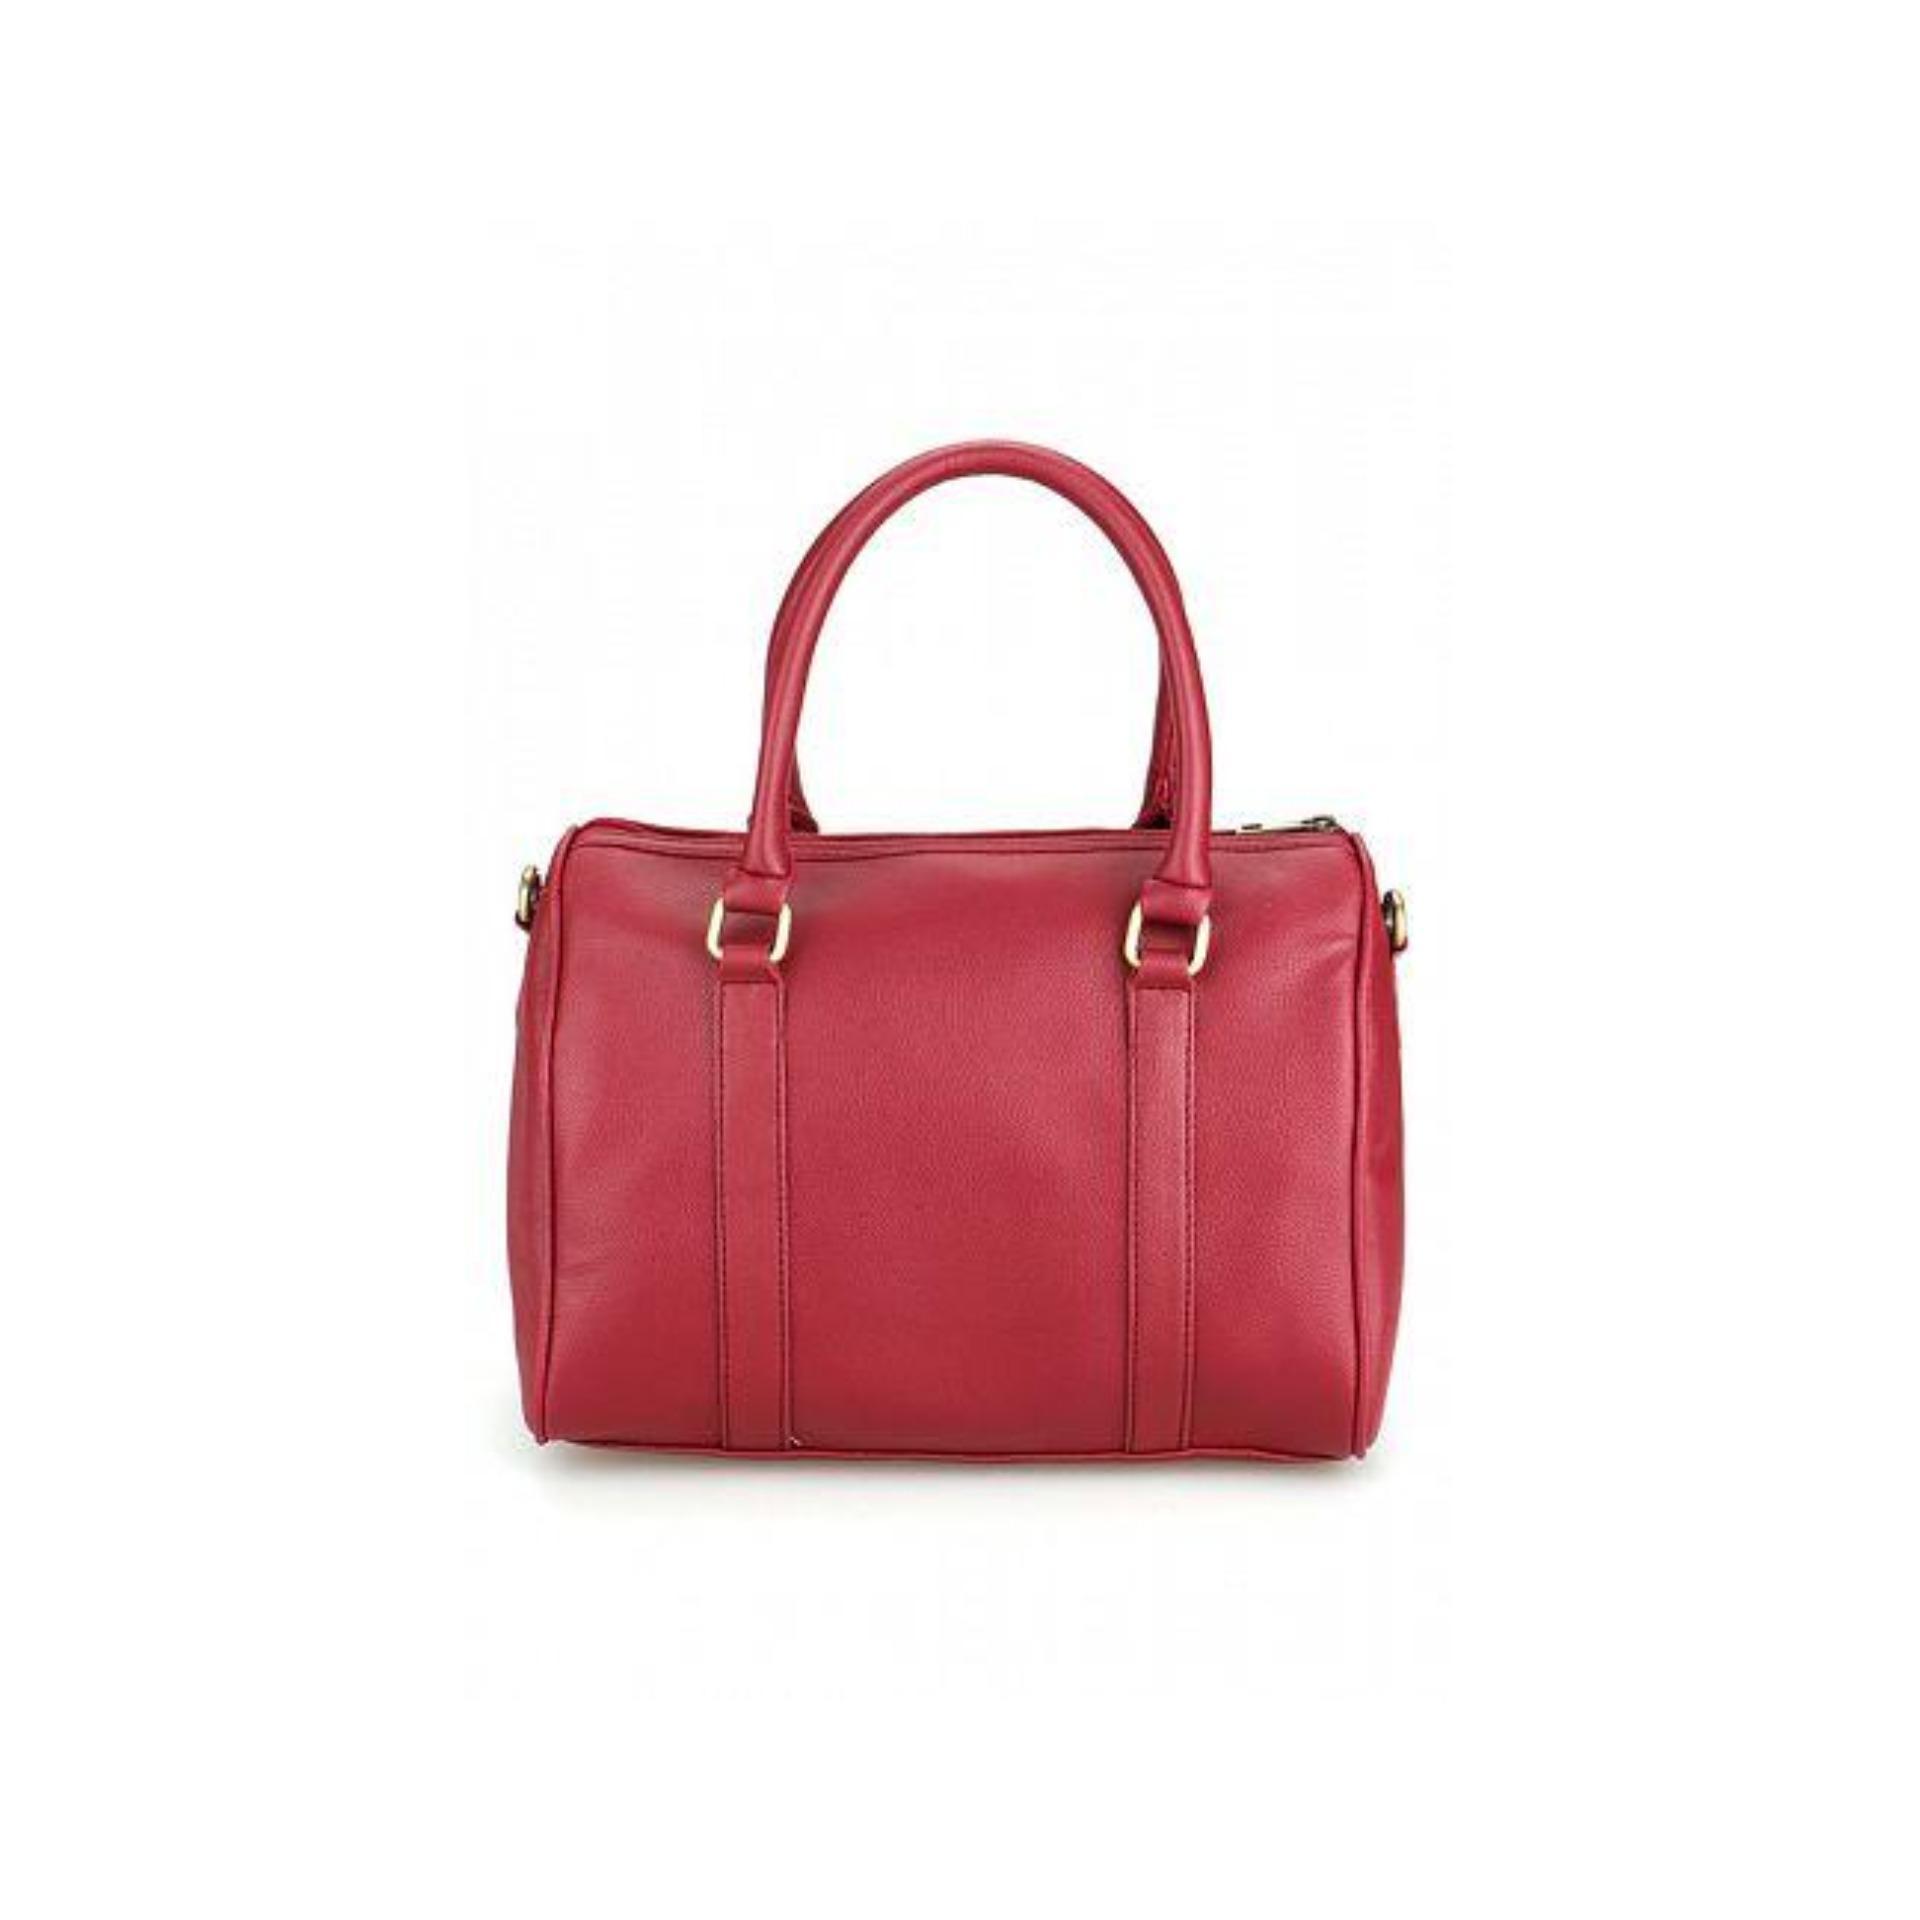 Harga Zada Lydia Top Handle Bag Merah Terkini Lihat Ulasan .